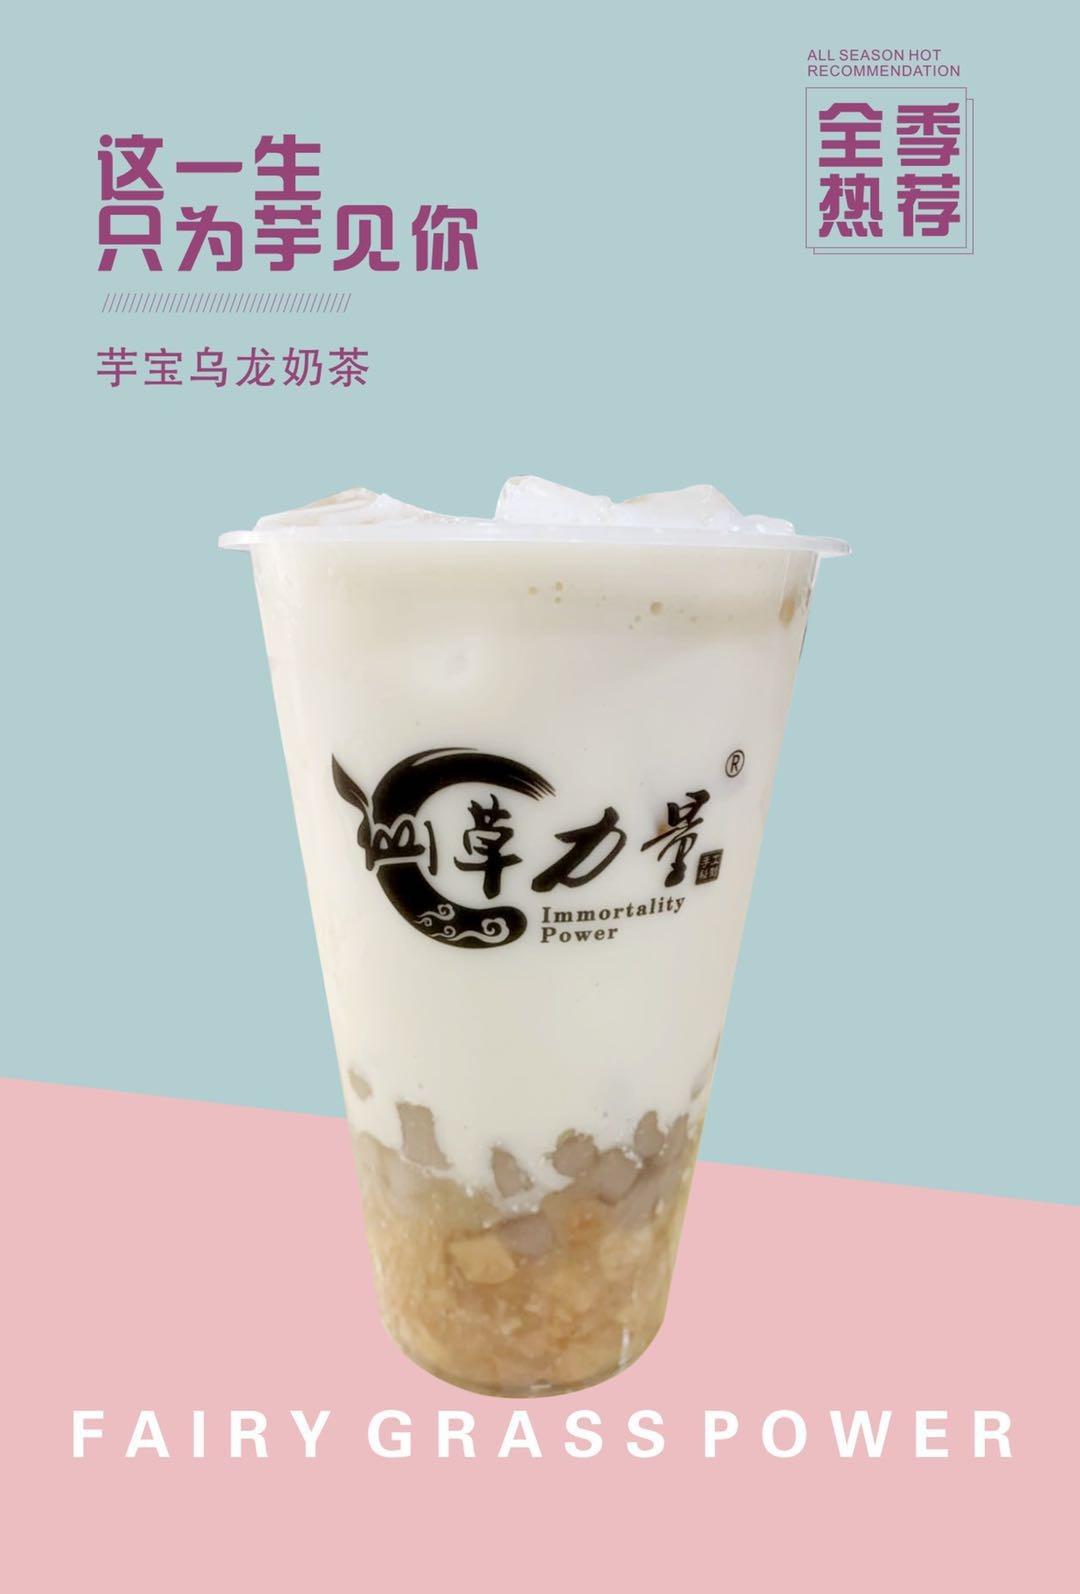 宇宝乌龙奶茶